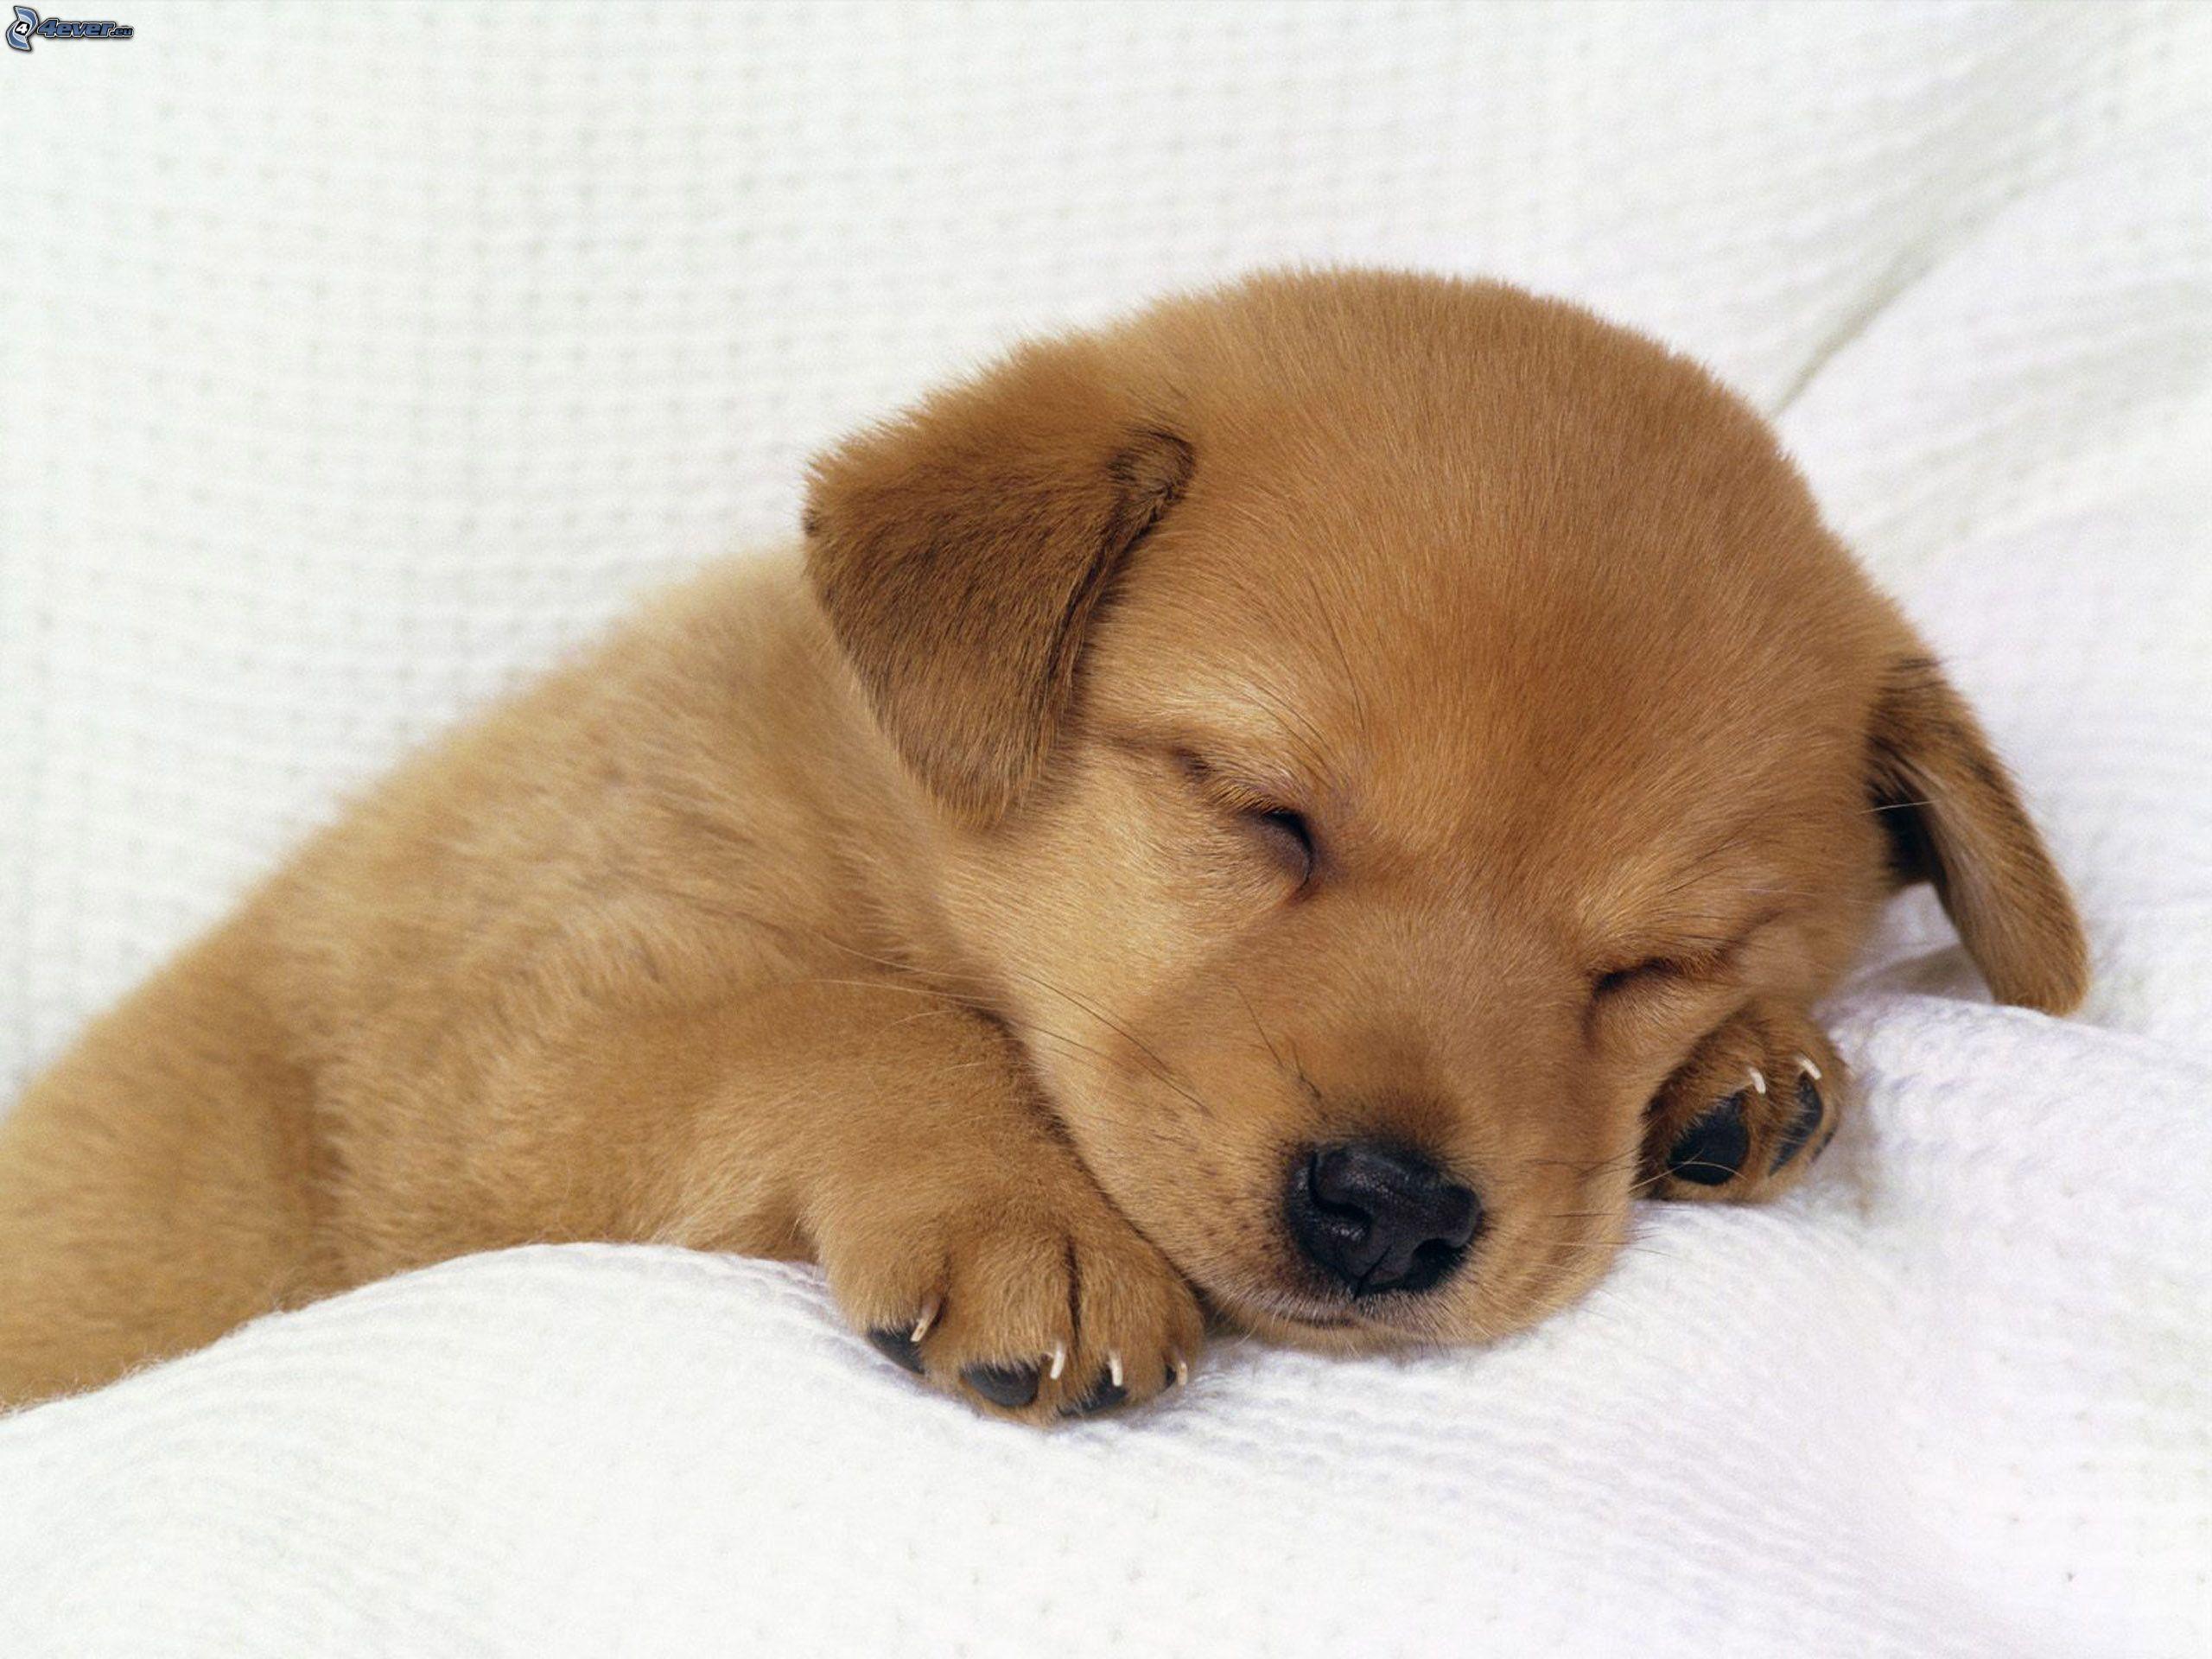 Cute Sleeping Golden Retriever Puppies wallpaper